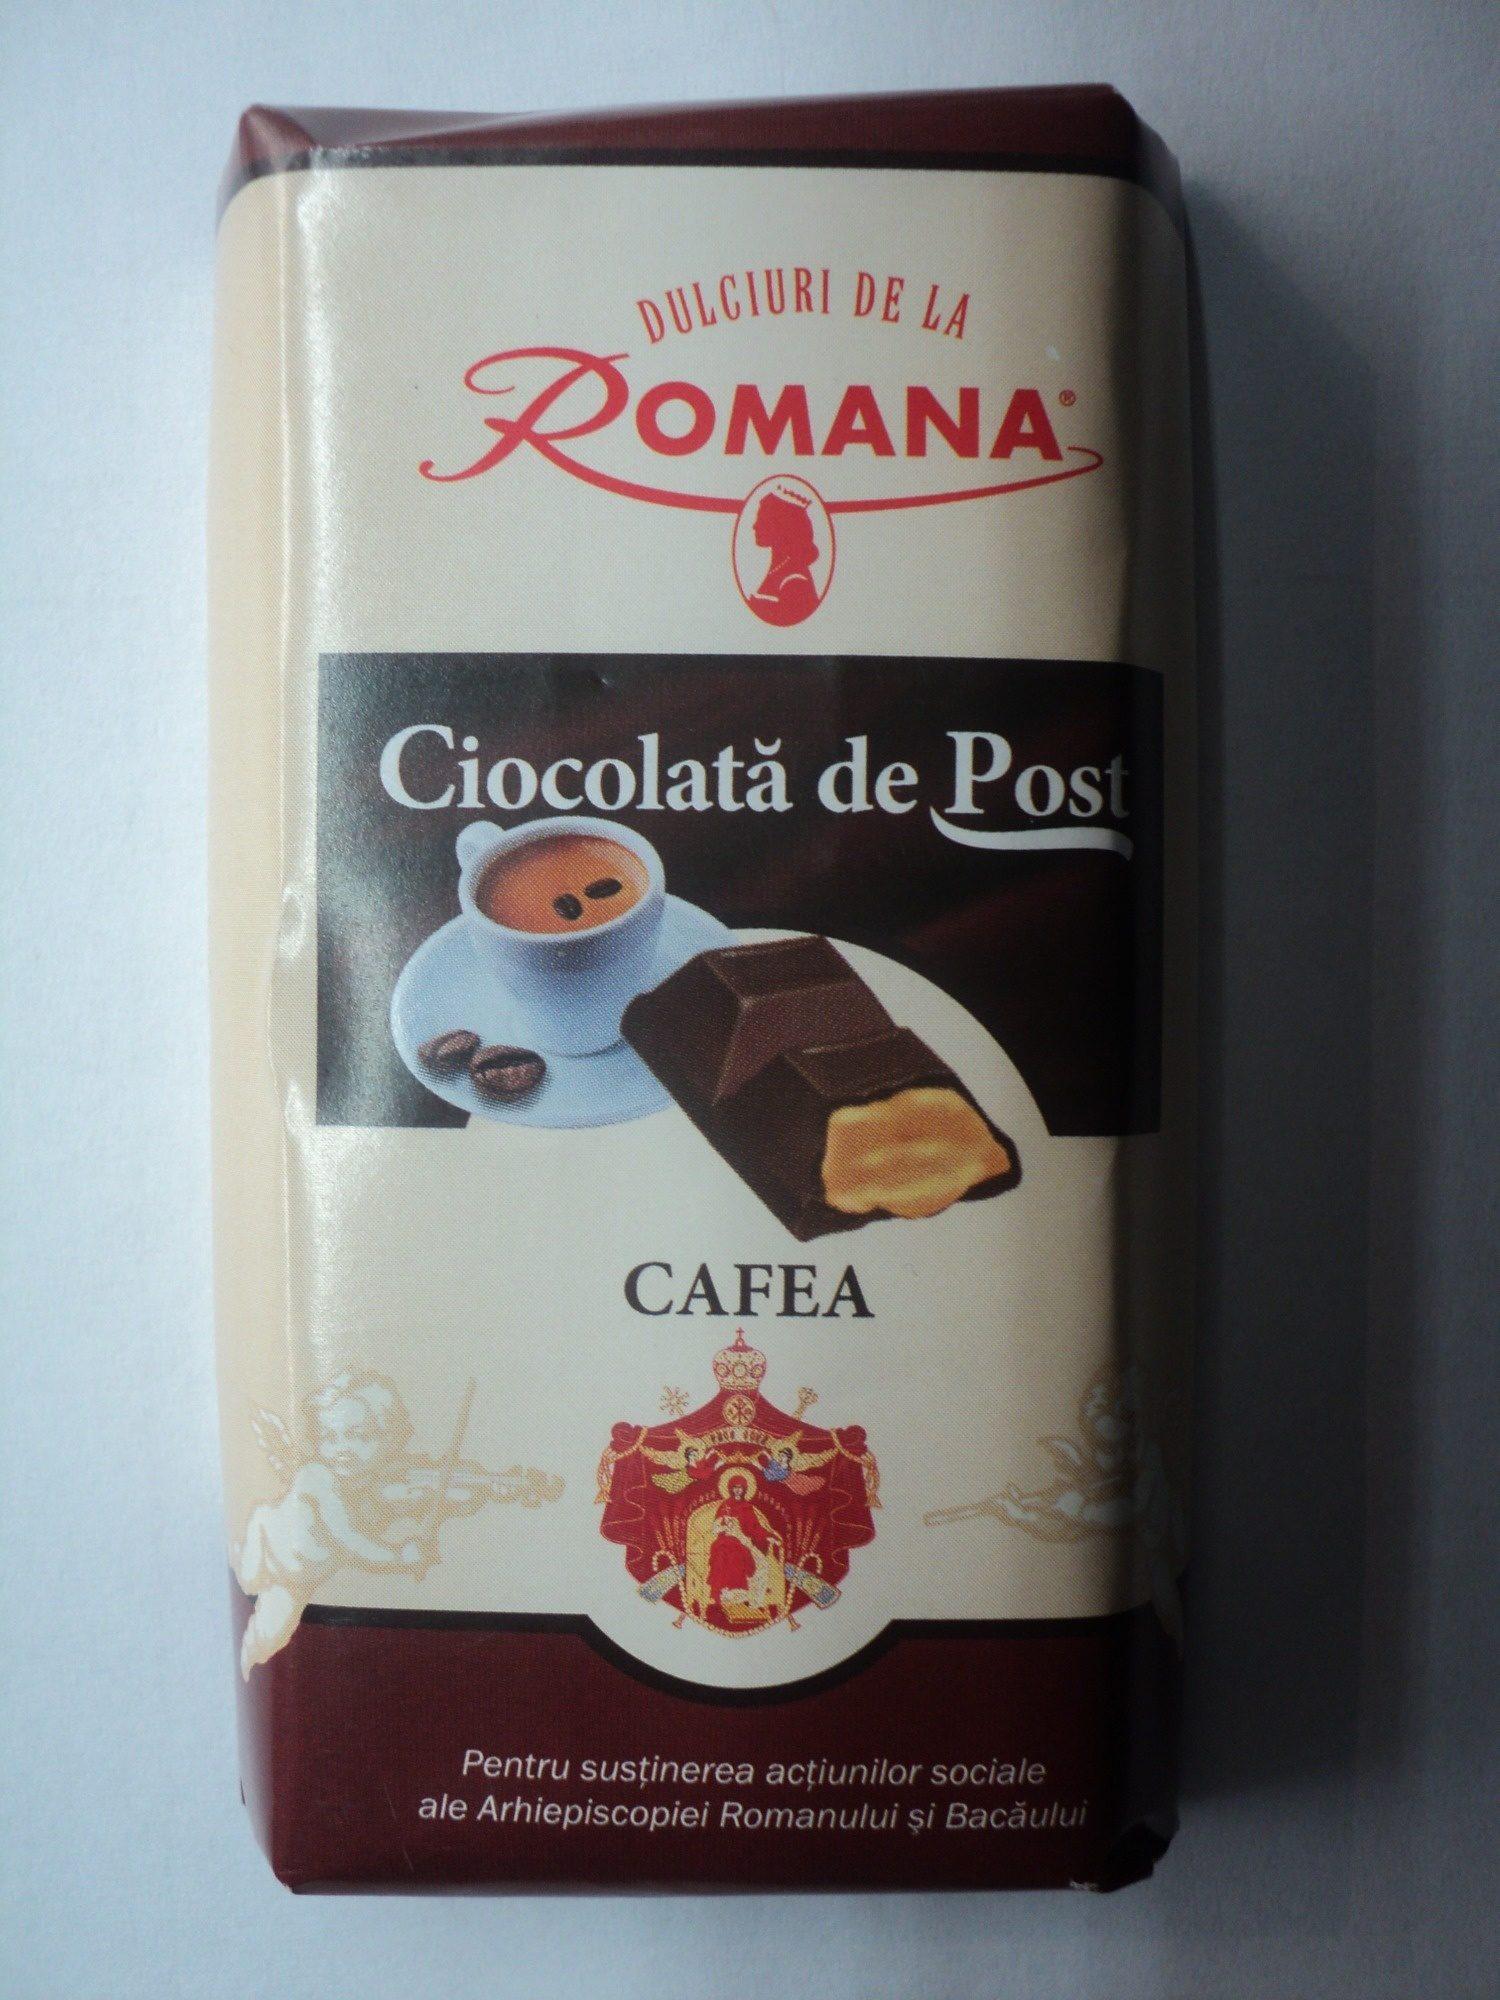 Romana Ciocolată de post - Produit